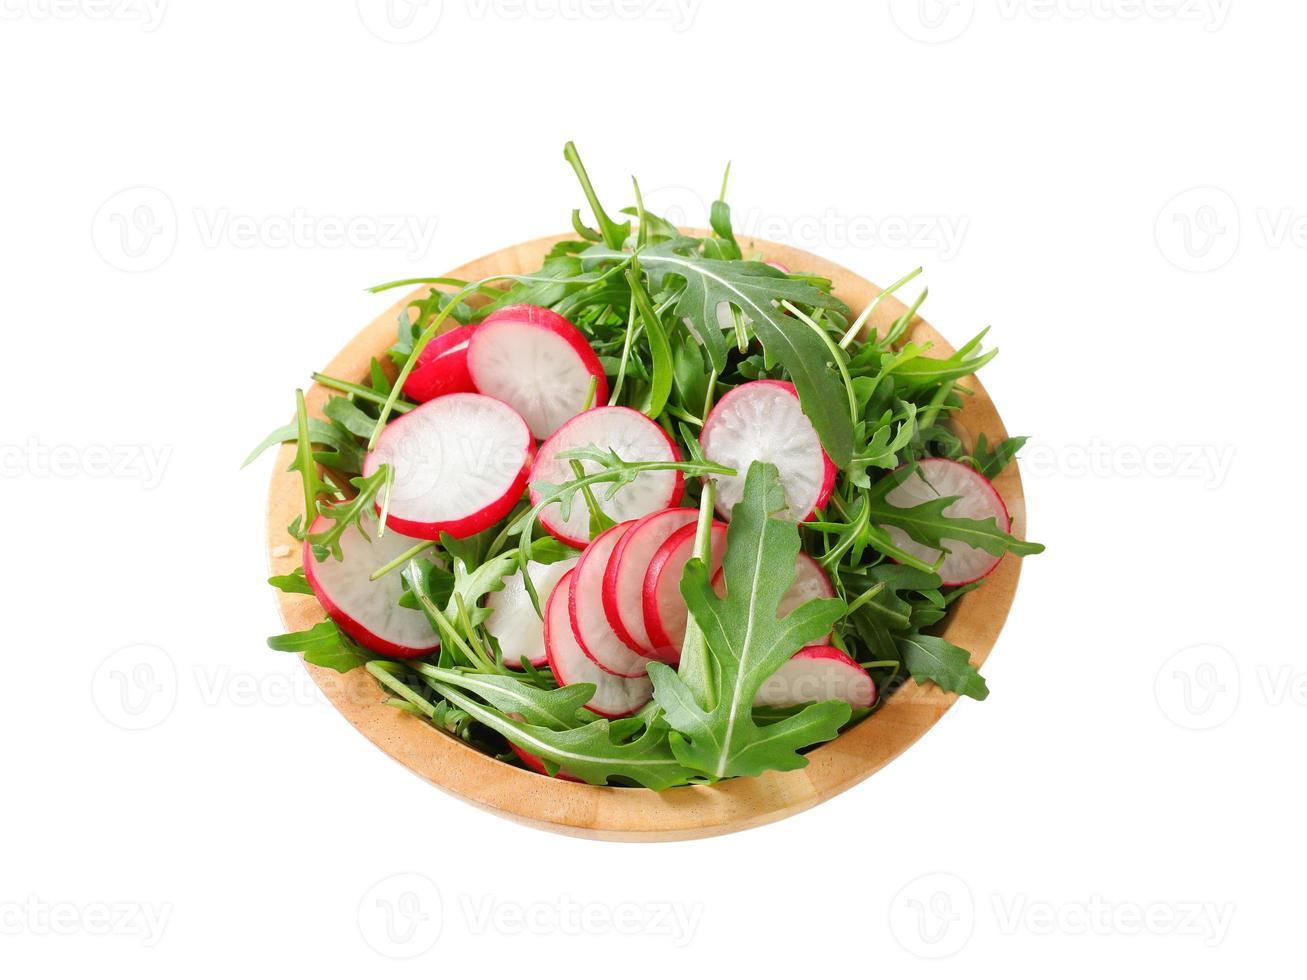 insalata con ravanelli a fette foto